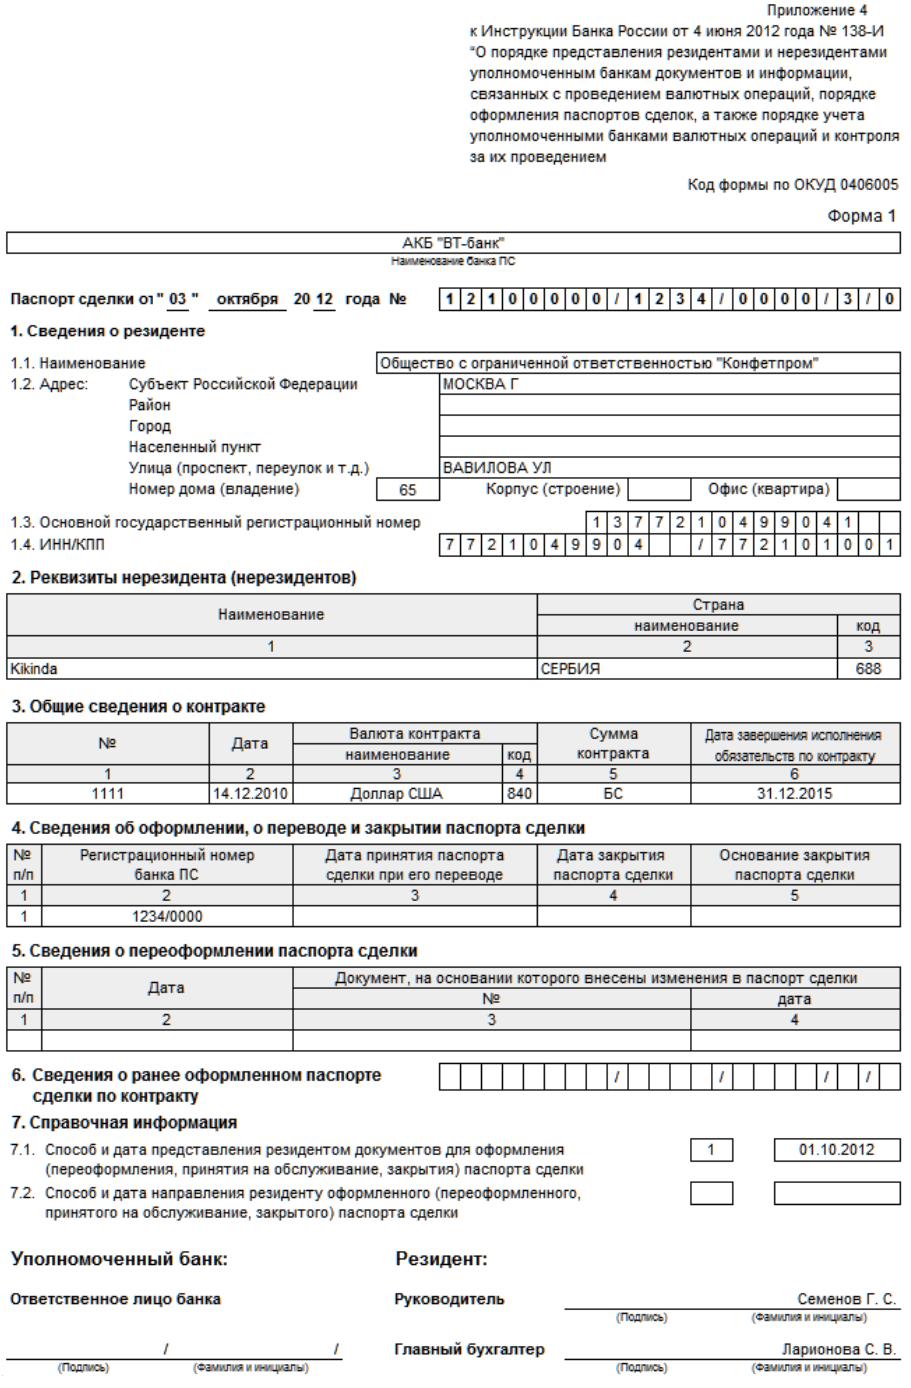 Паспорт сделки предоставляется резидентом агенту валютного контроля в срок не позднее